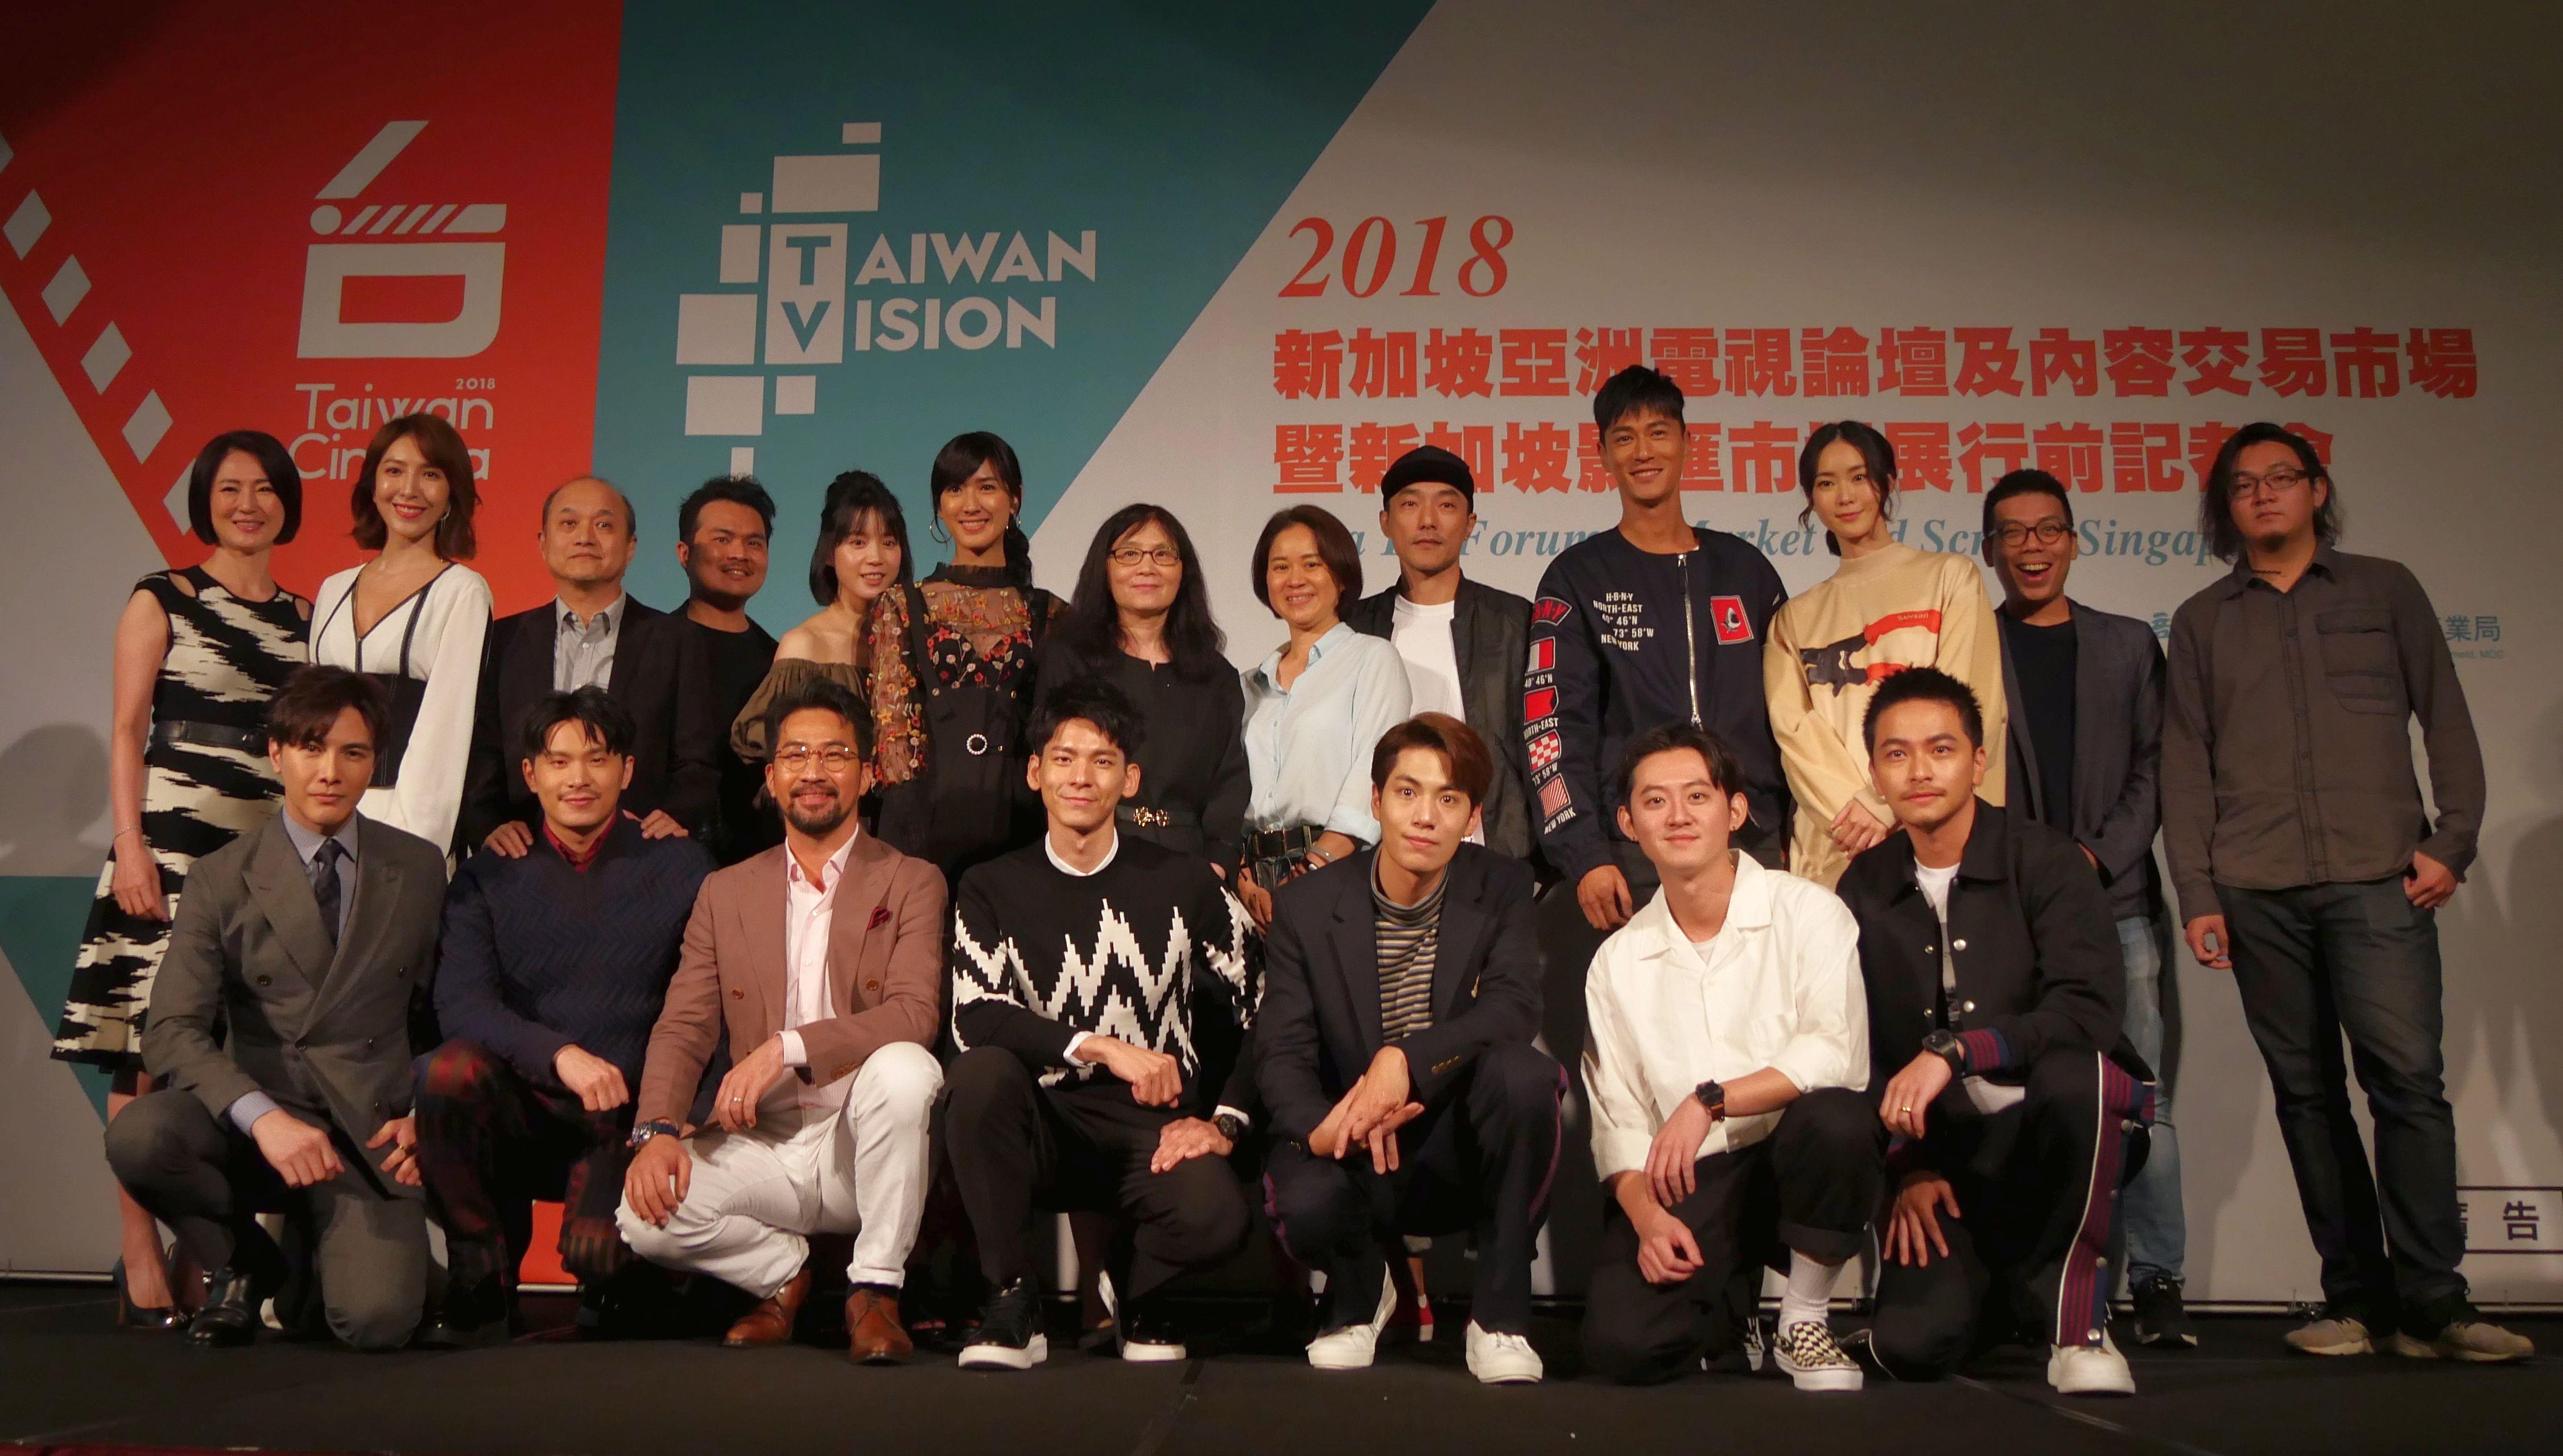 2018新加坡亞洲電視論壇及內容交易市場暨新加坡影匯市場展行前記者會